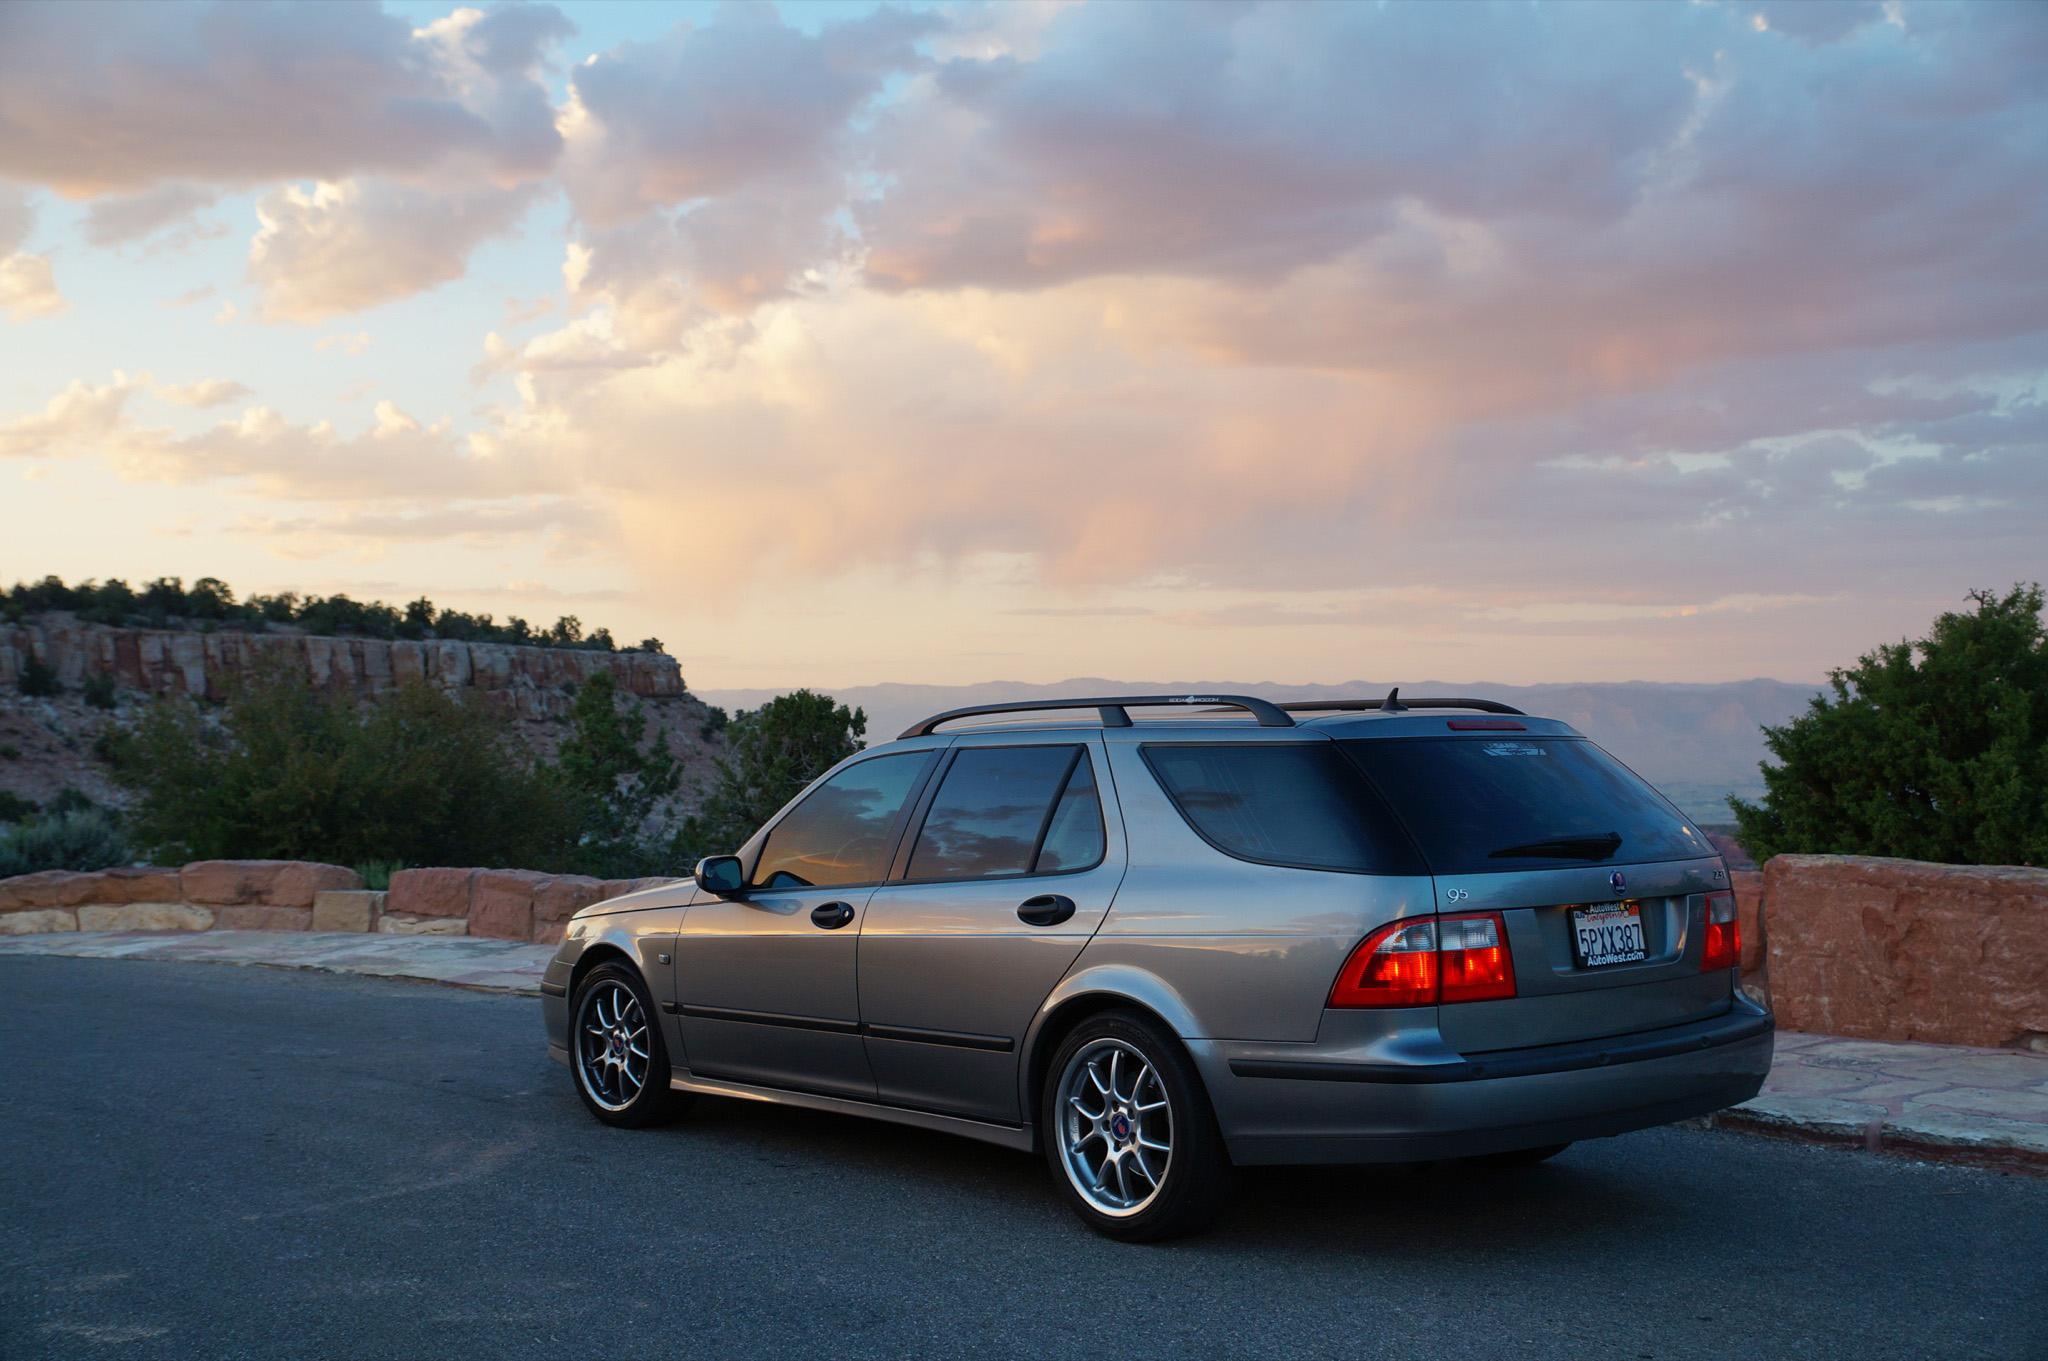 2005 saab 9 5 arc webb family auto service records